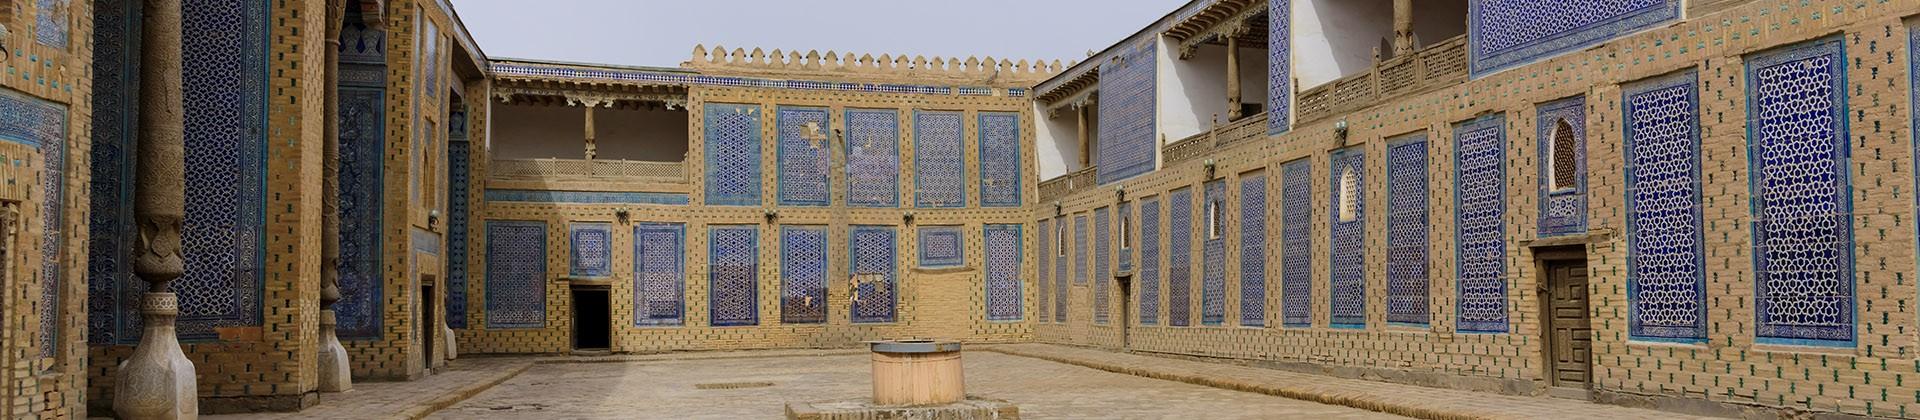 Tash-Khauli Palace - 1